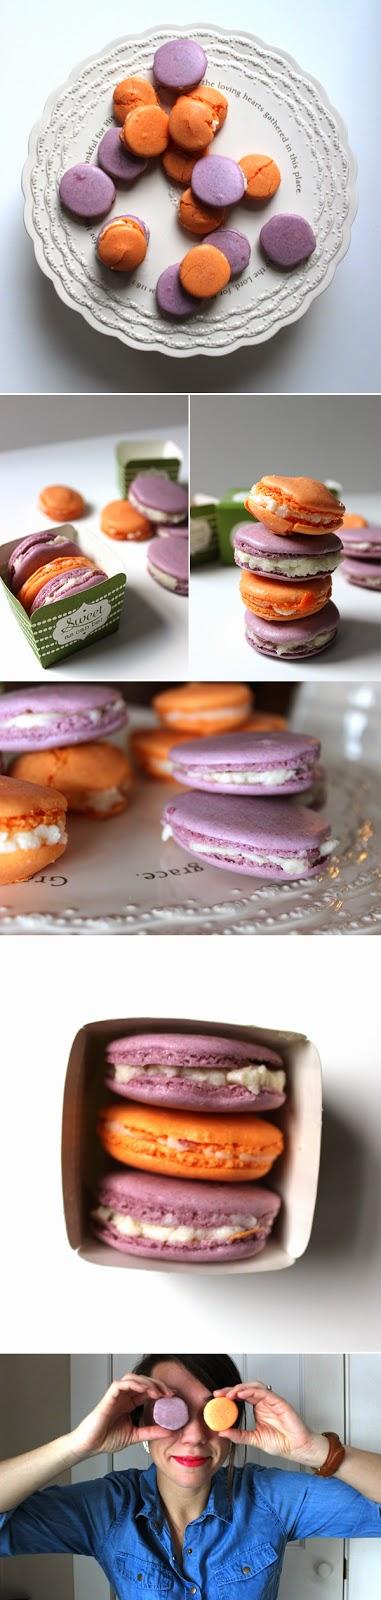 macaron-set.jpg